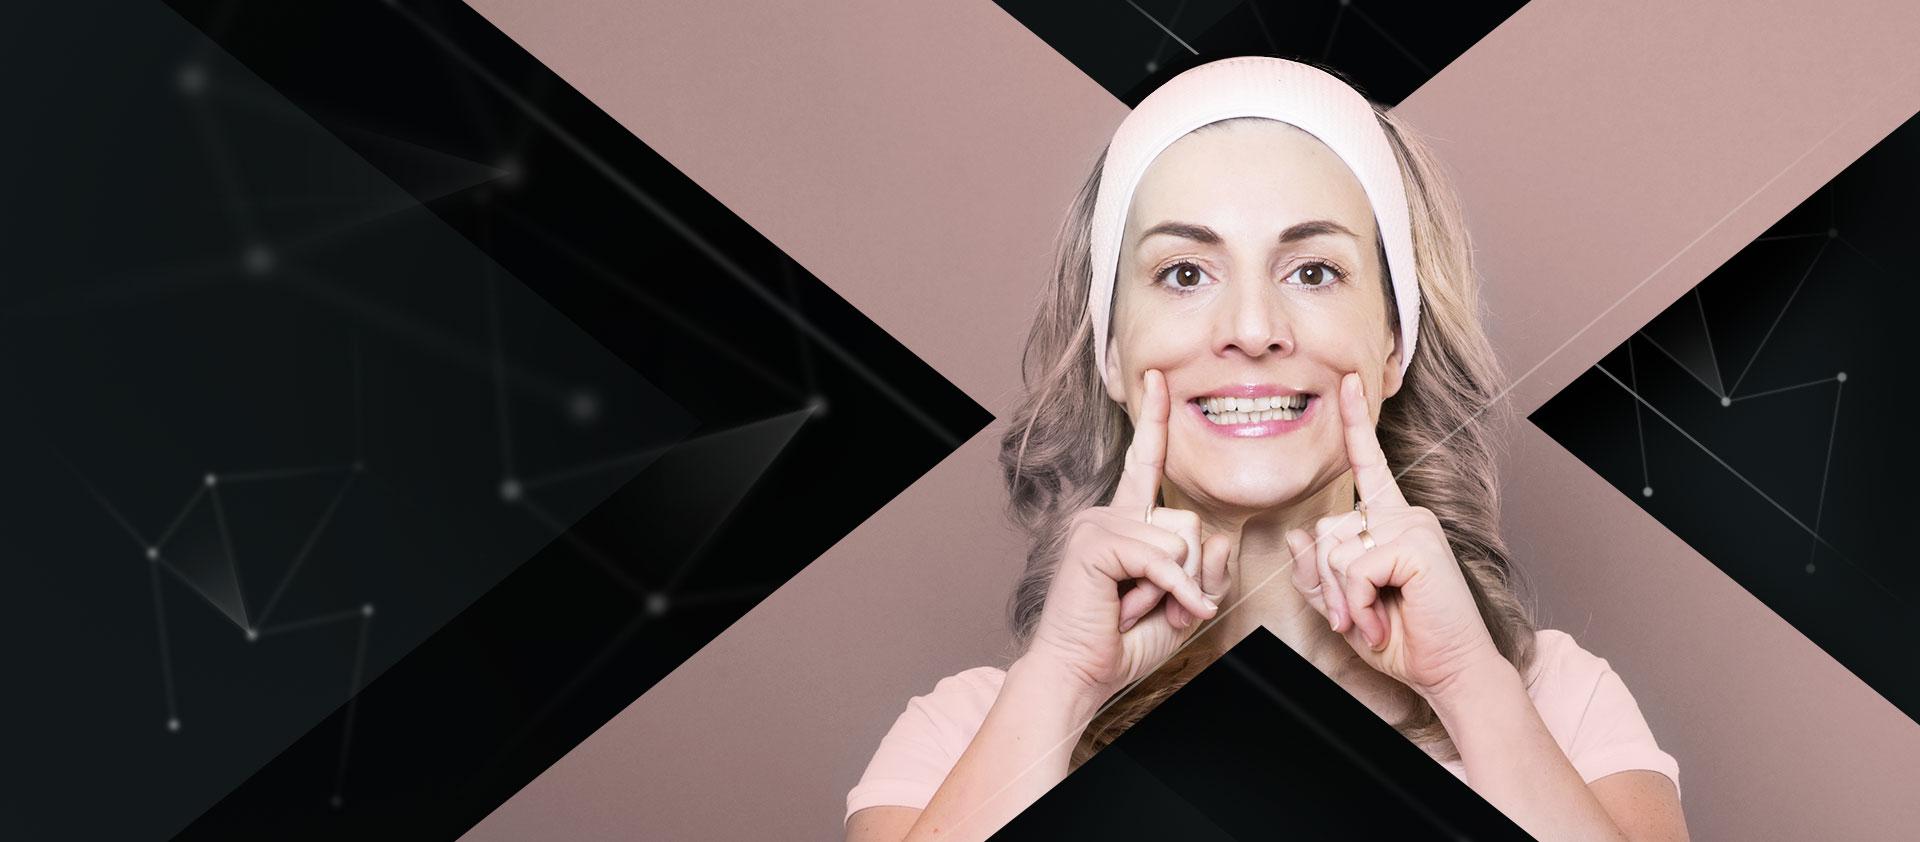 Deň žien a tvárová gymnastika v Gym